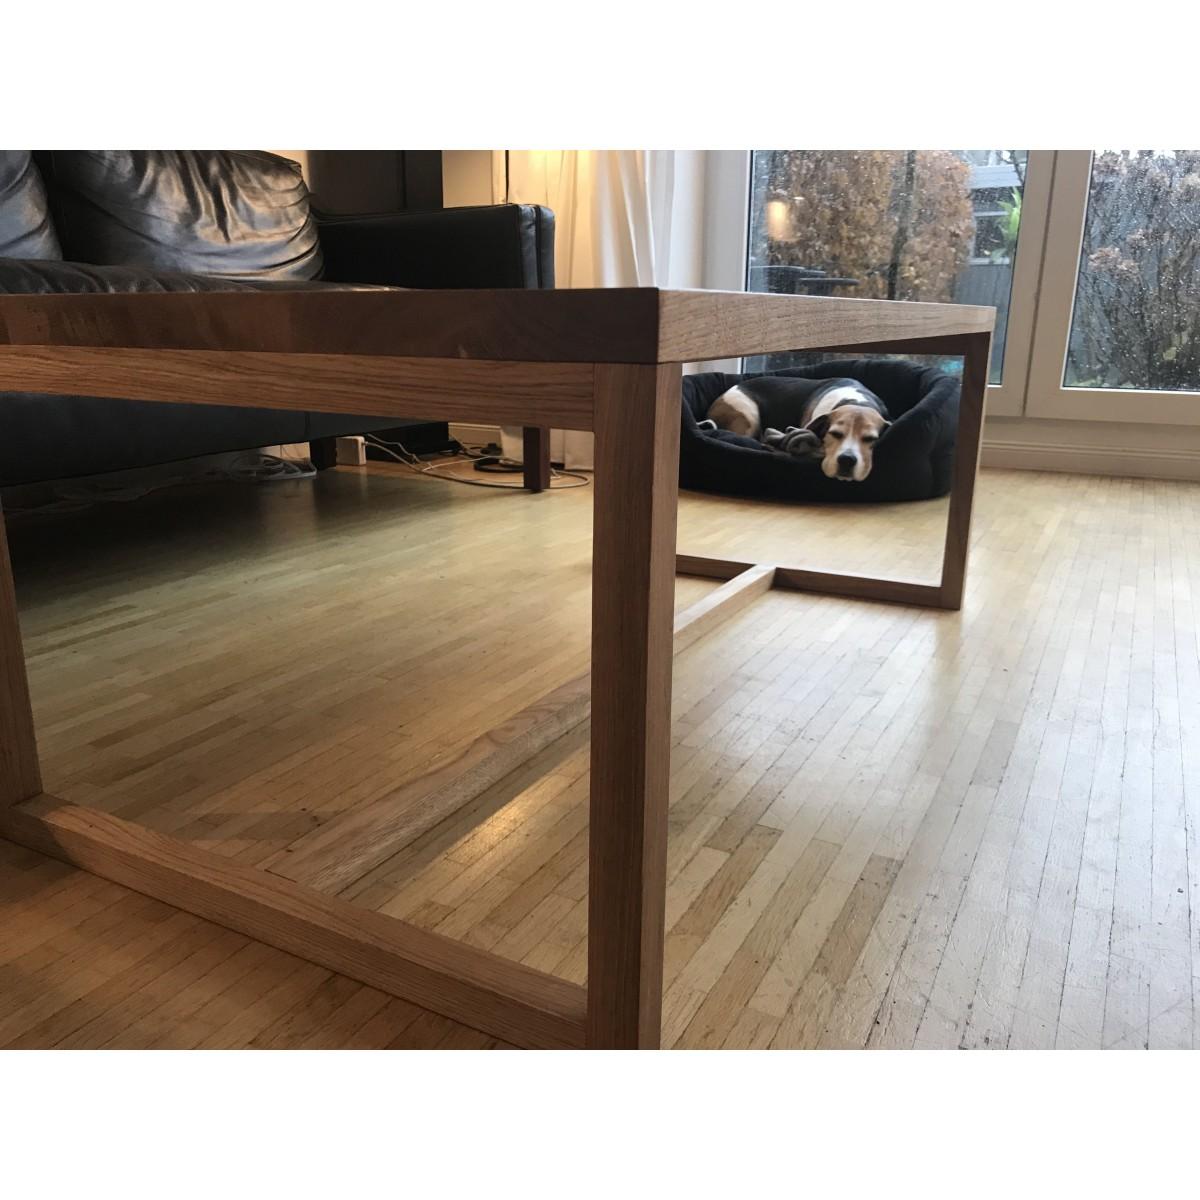 REKORD Couchtisch Holz Eiche 110 cm